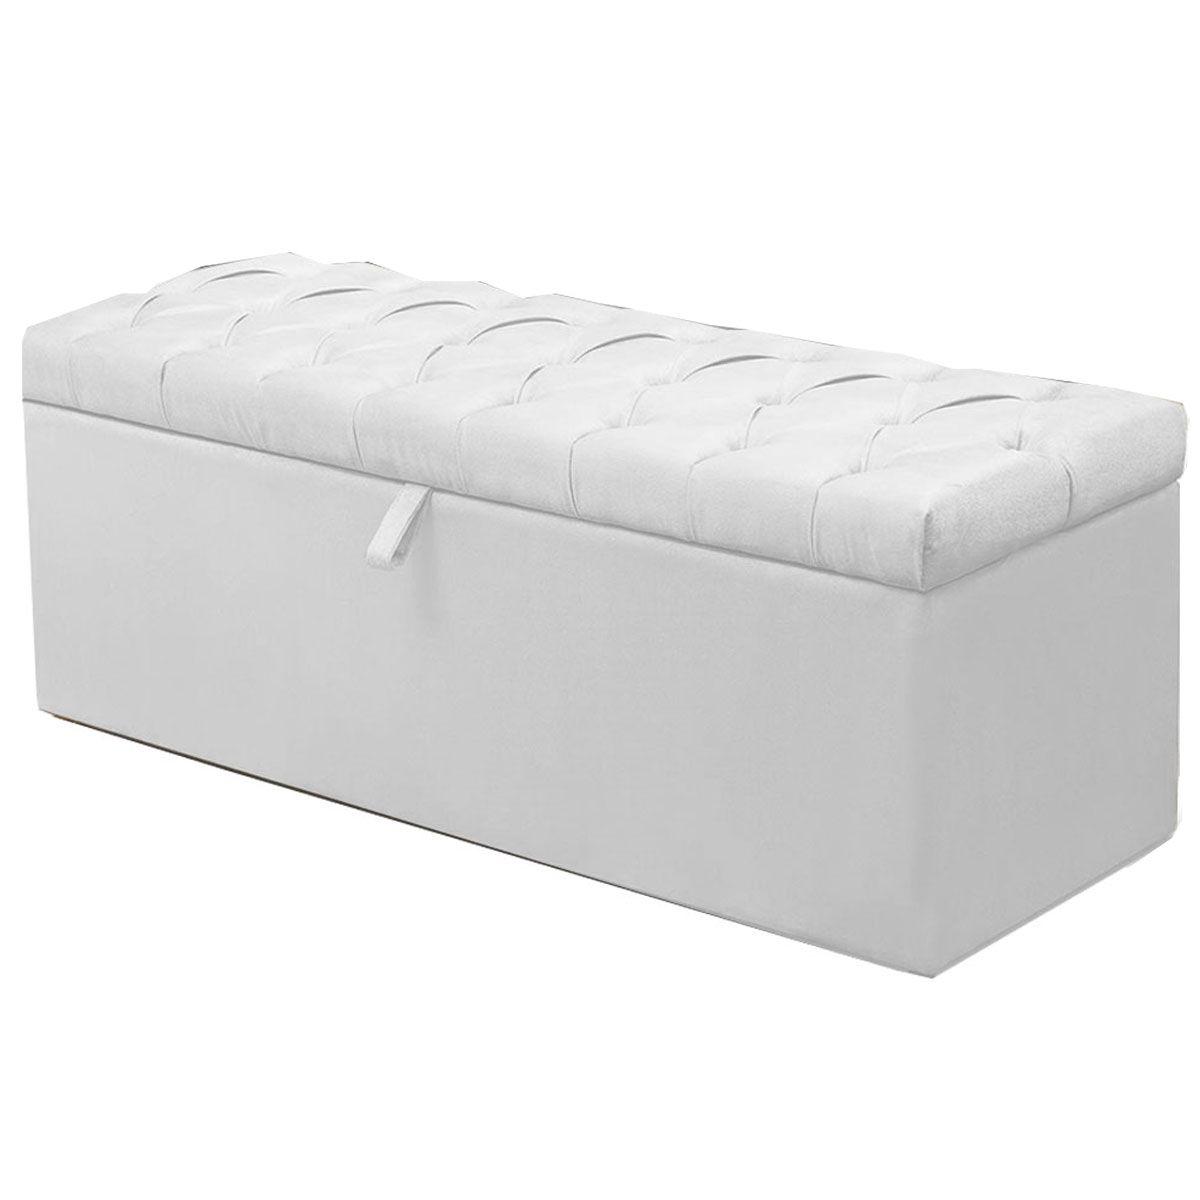 Kit Cabeceira Paris e Calçadeira Itália Casal 140 cm Branco